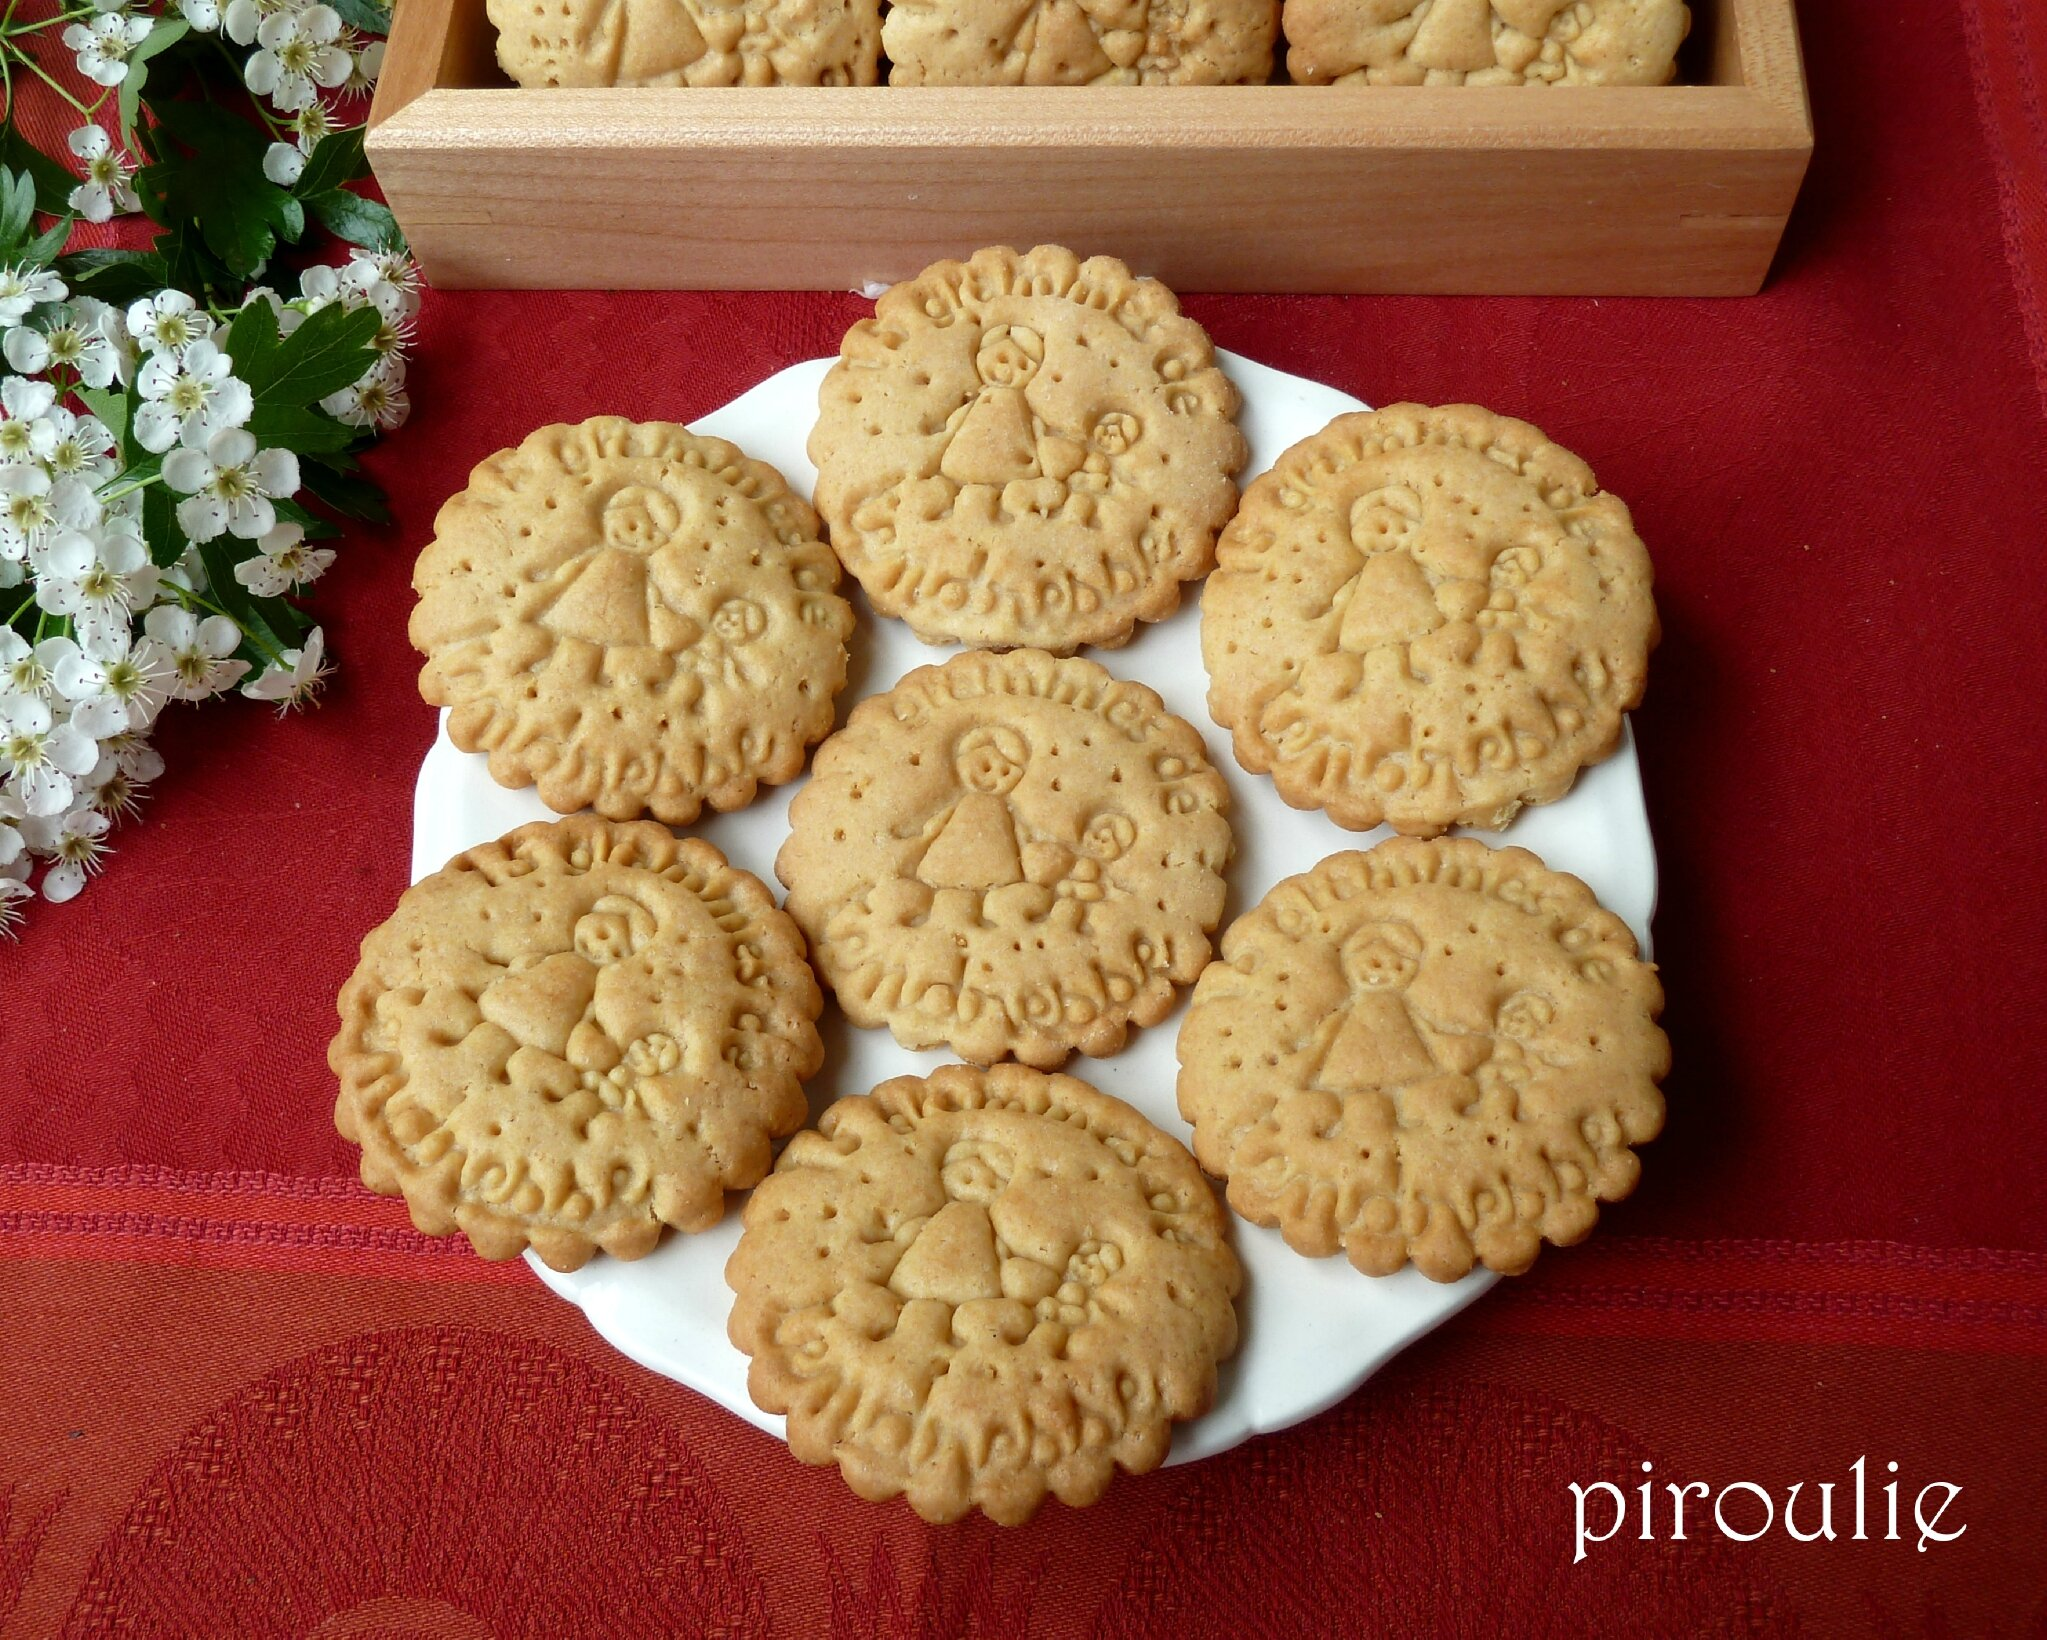 Biscuits l gers la ma zena et aux amandes p tisseries et gourmandises - Recette sable confiture maizena ...